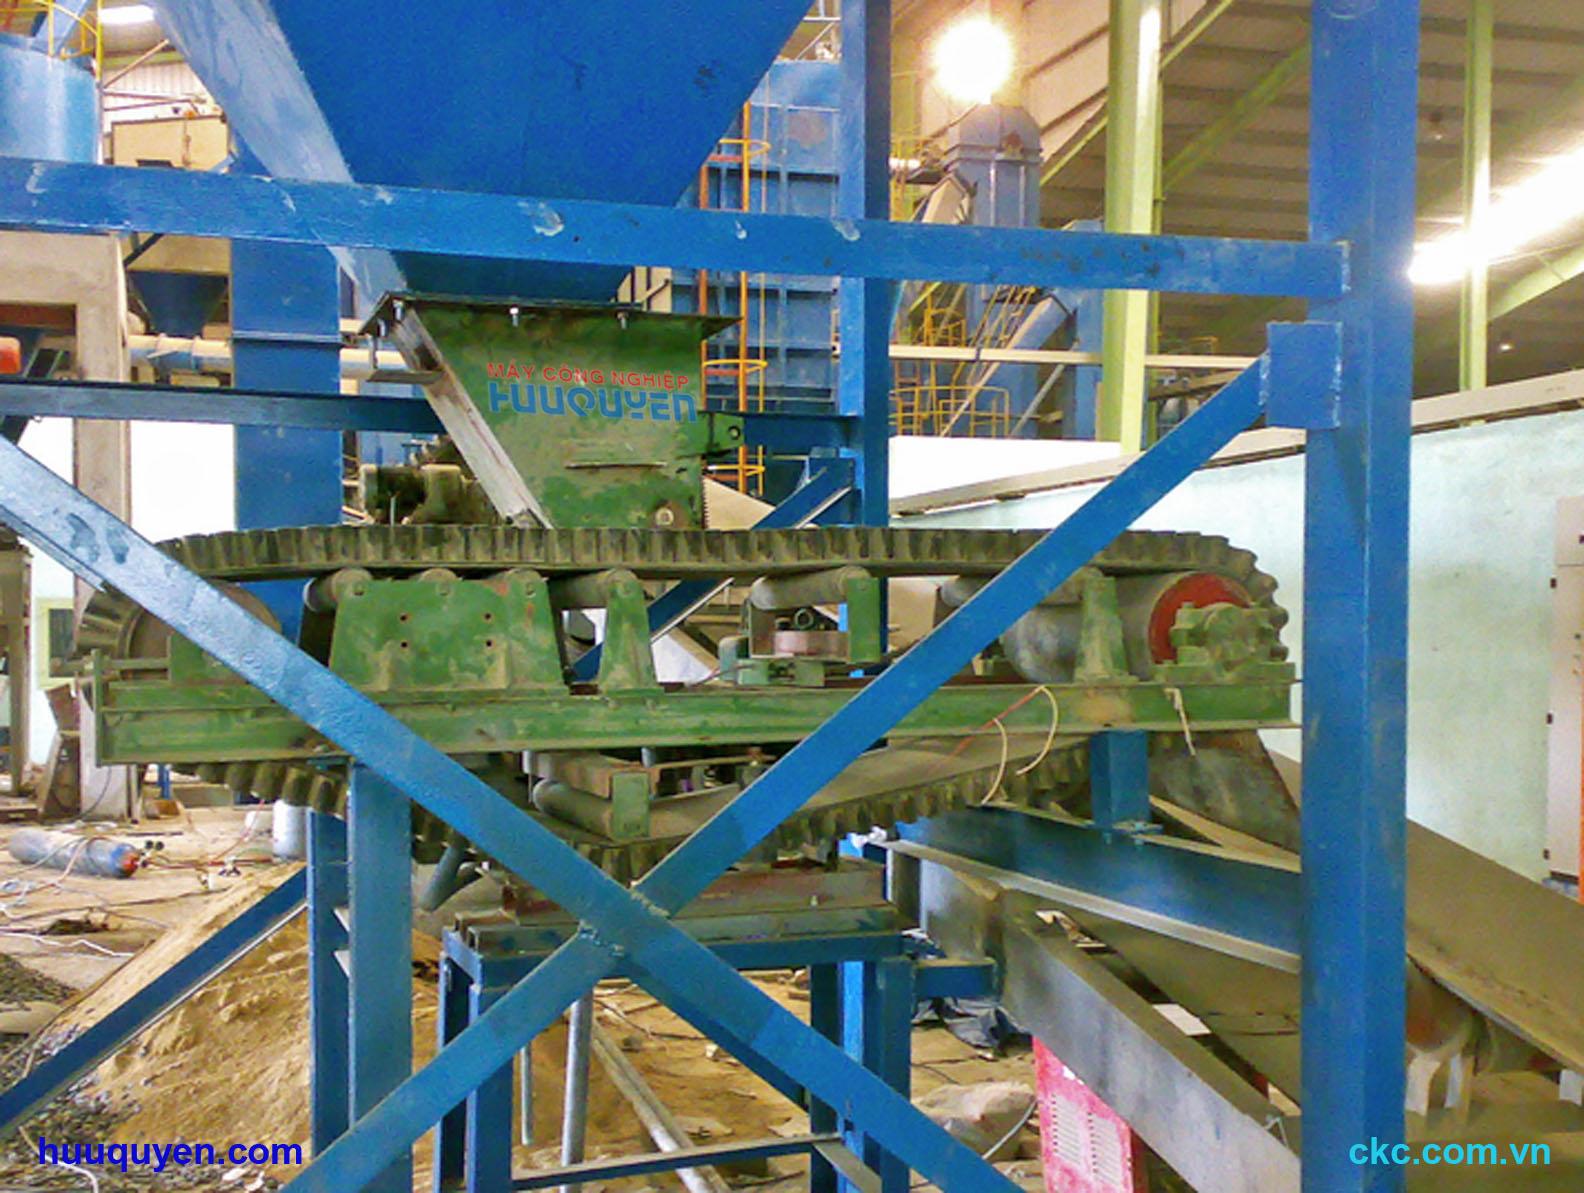 Modul loadcell cân băng tải phối trộn phân bón